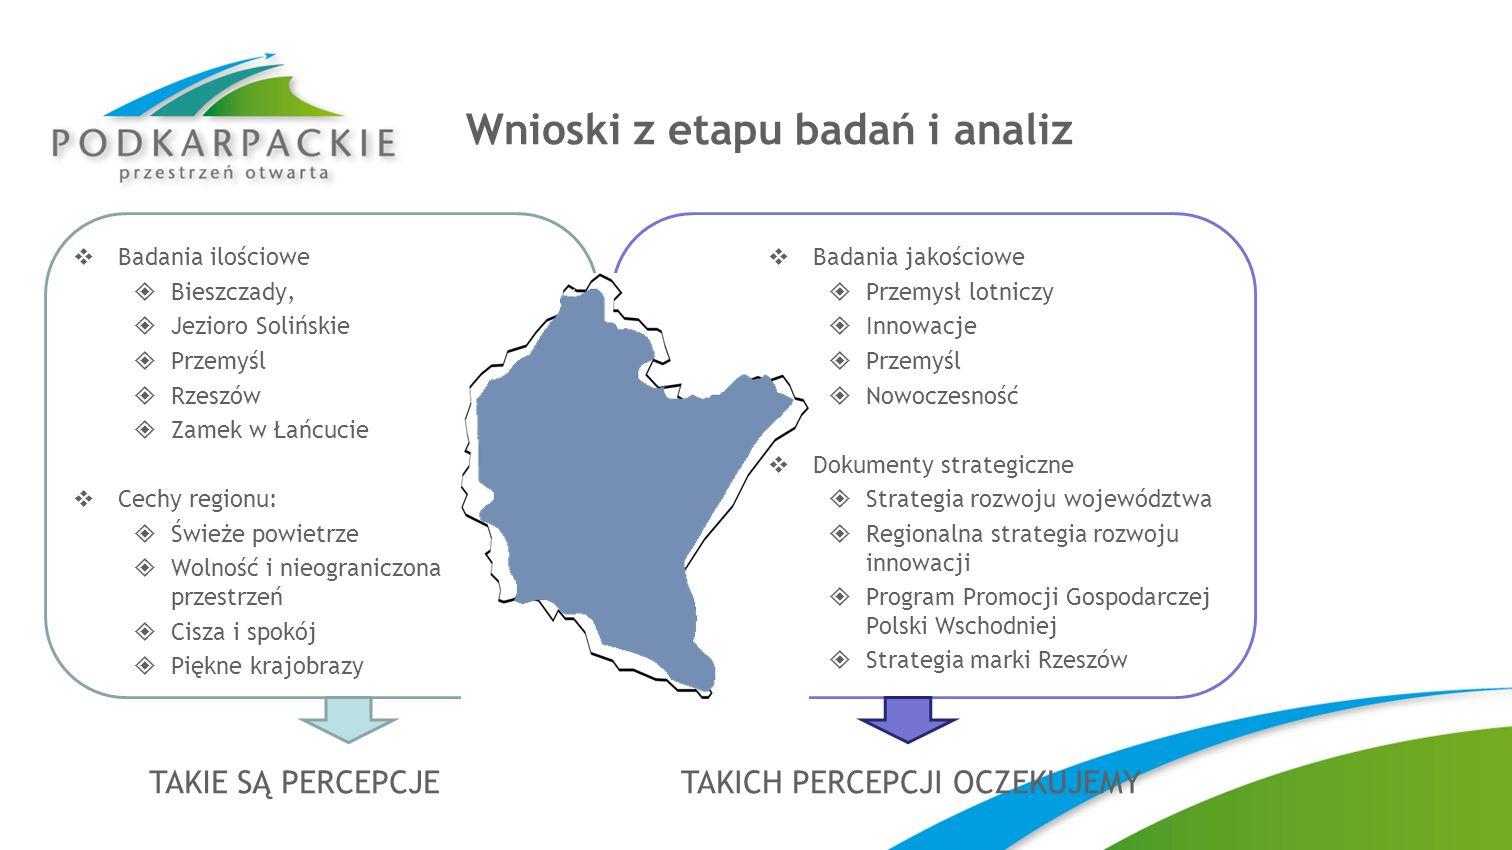 Wnioski z etapu badań i analiz